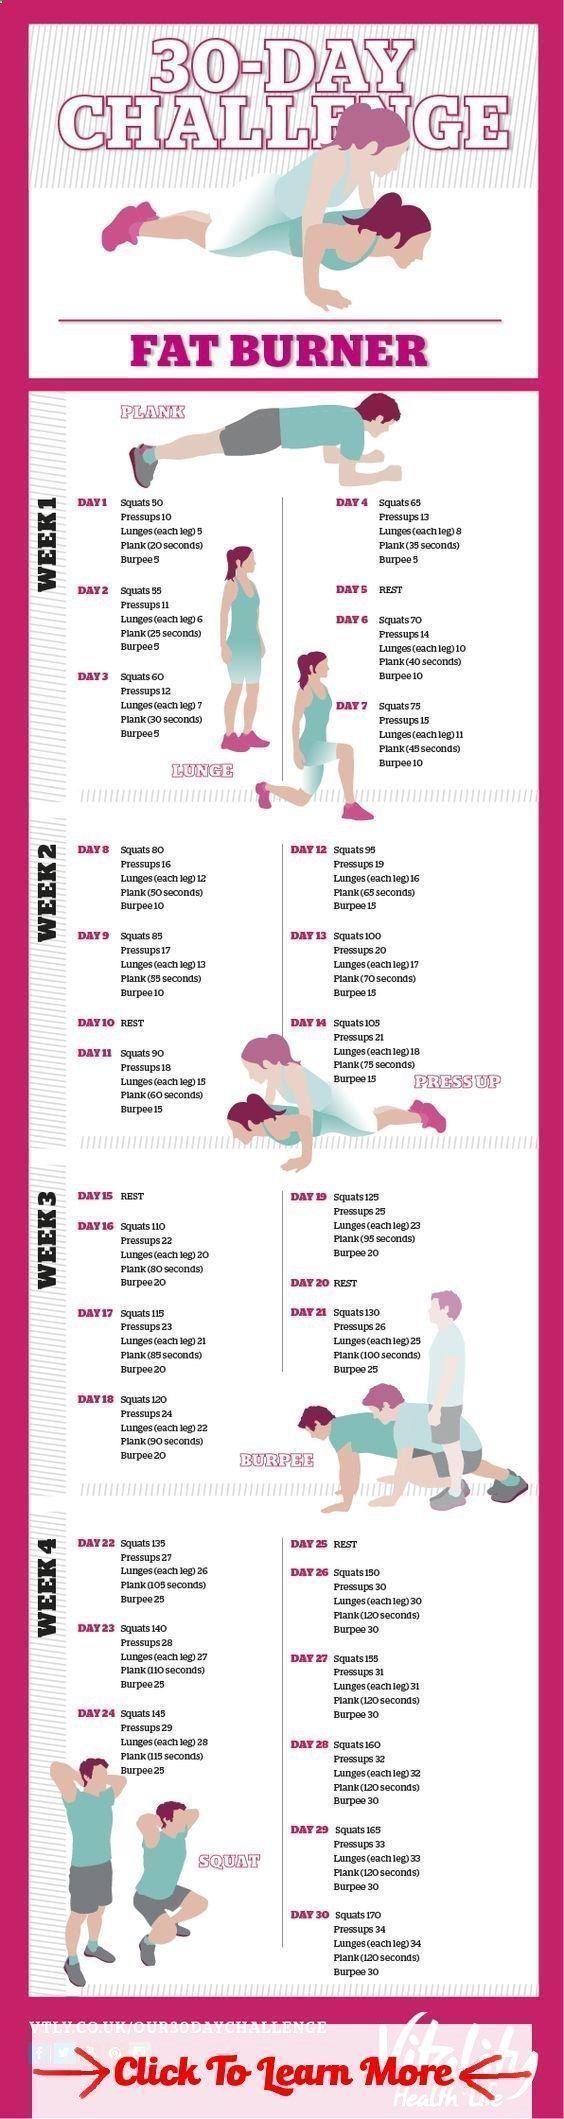 diet plan for bmi 35